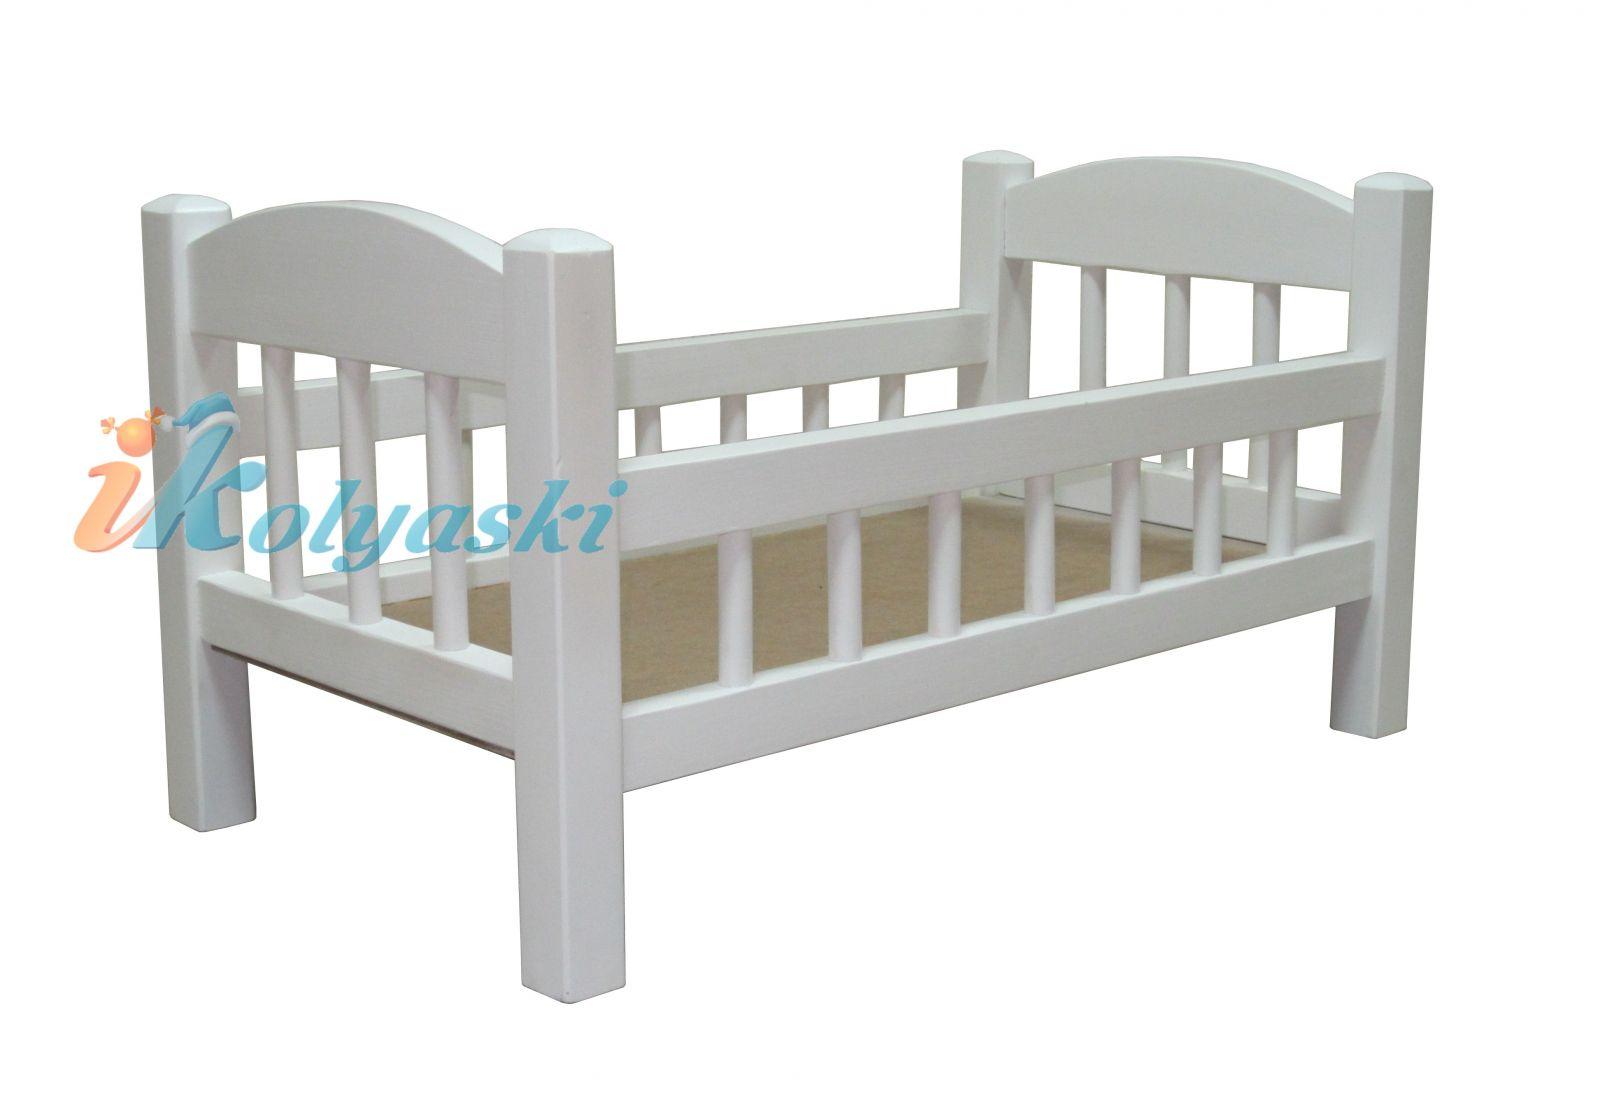 Кровать для кукол Ecobaby Элиза c бортиками, ручная работа, массив, цвет белый, размер 55х29х29 см. По размеру кроватка для кукол Элиза подходит для кукол Беби Бон, Baby Born, Reborn Kids и др.